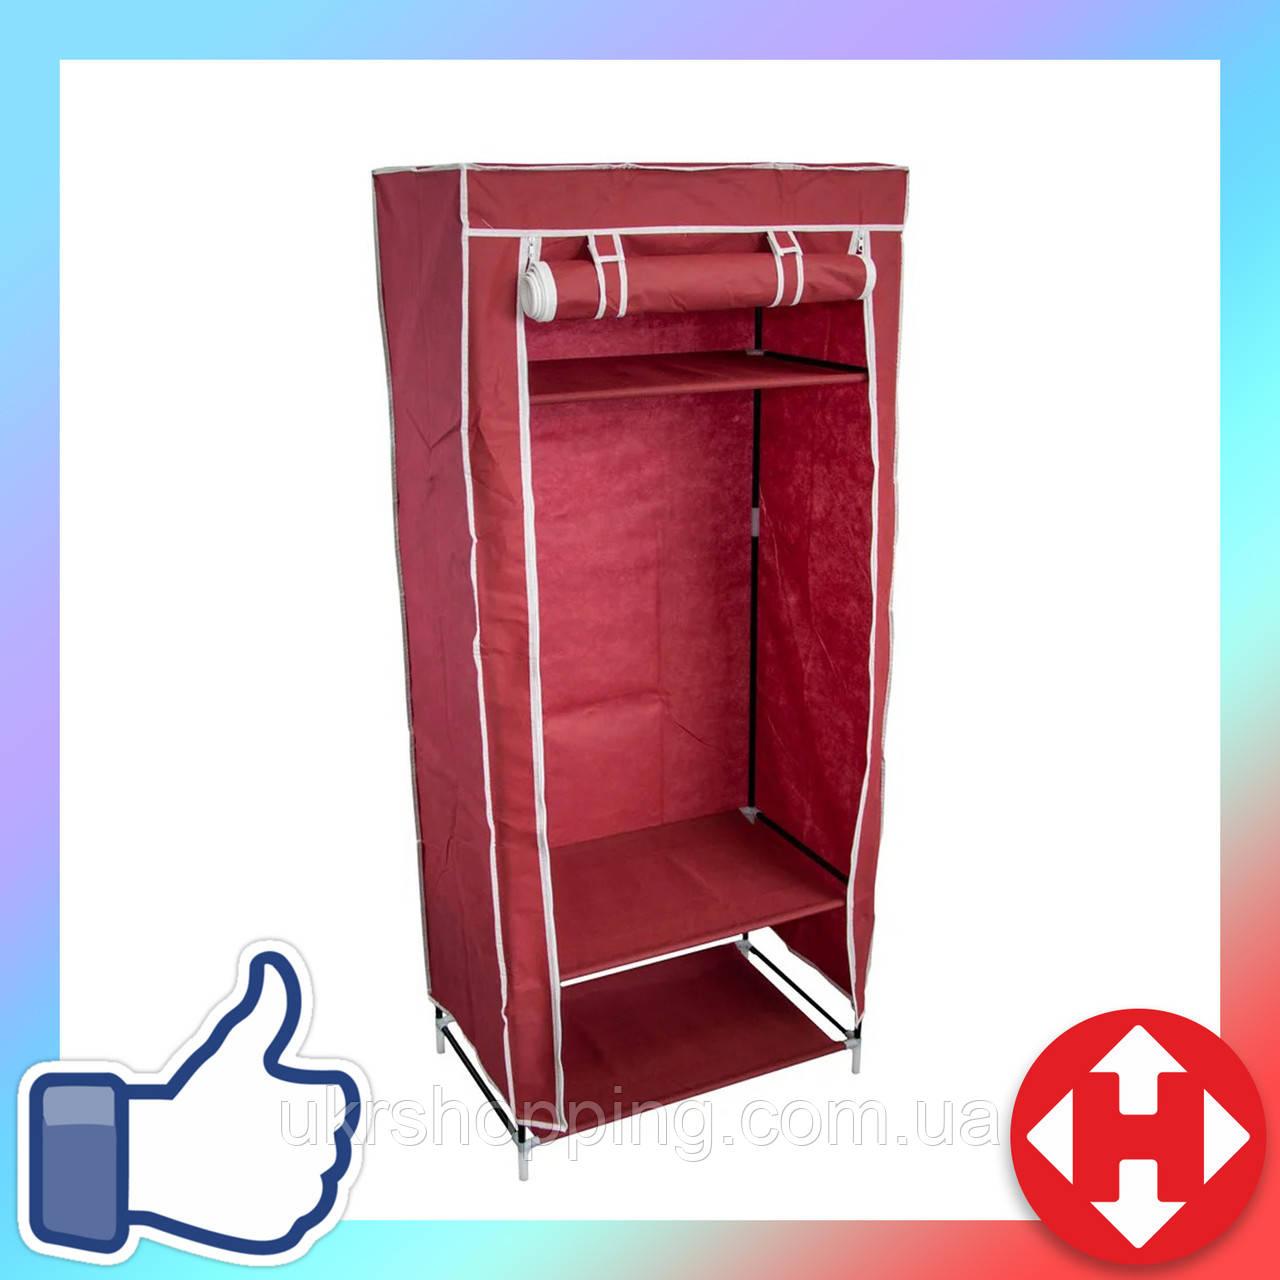 Распродажа! Тканевый шкаф, бордовый, односекторный, портативный шкаф для одежды